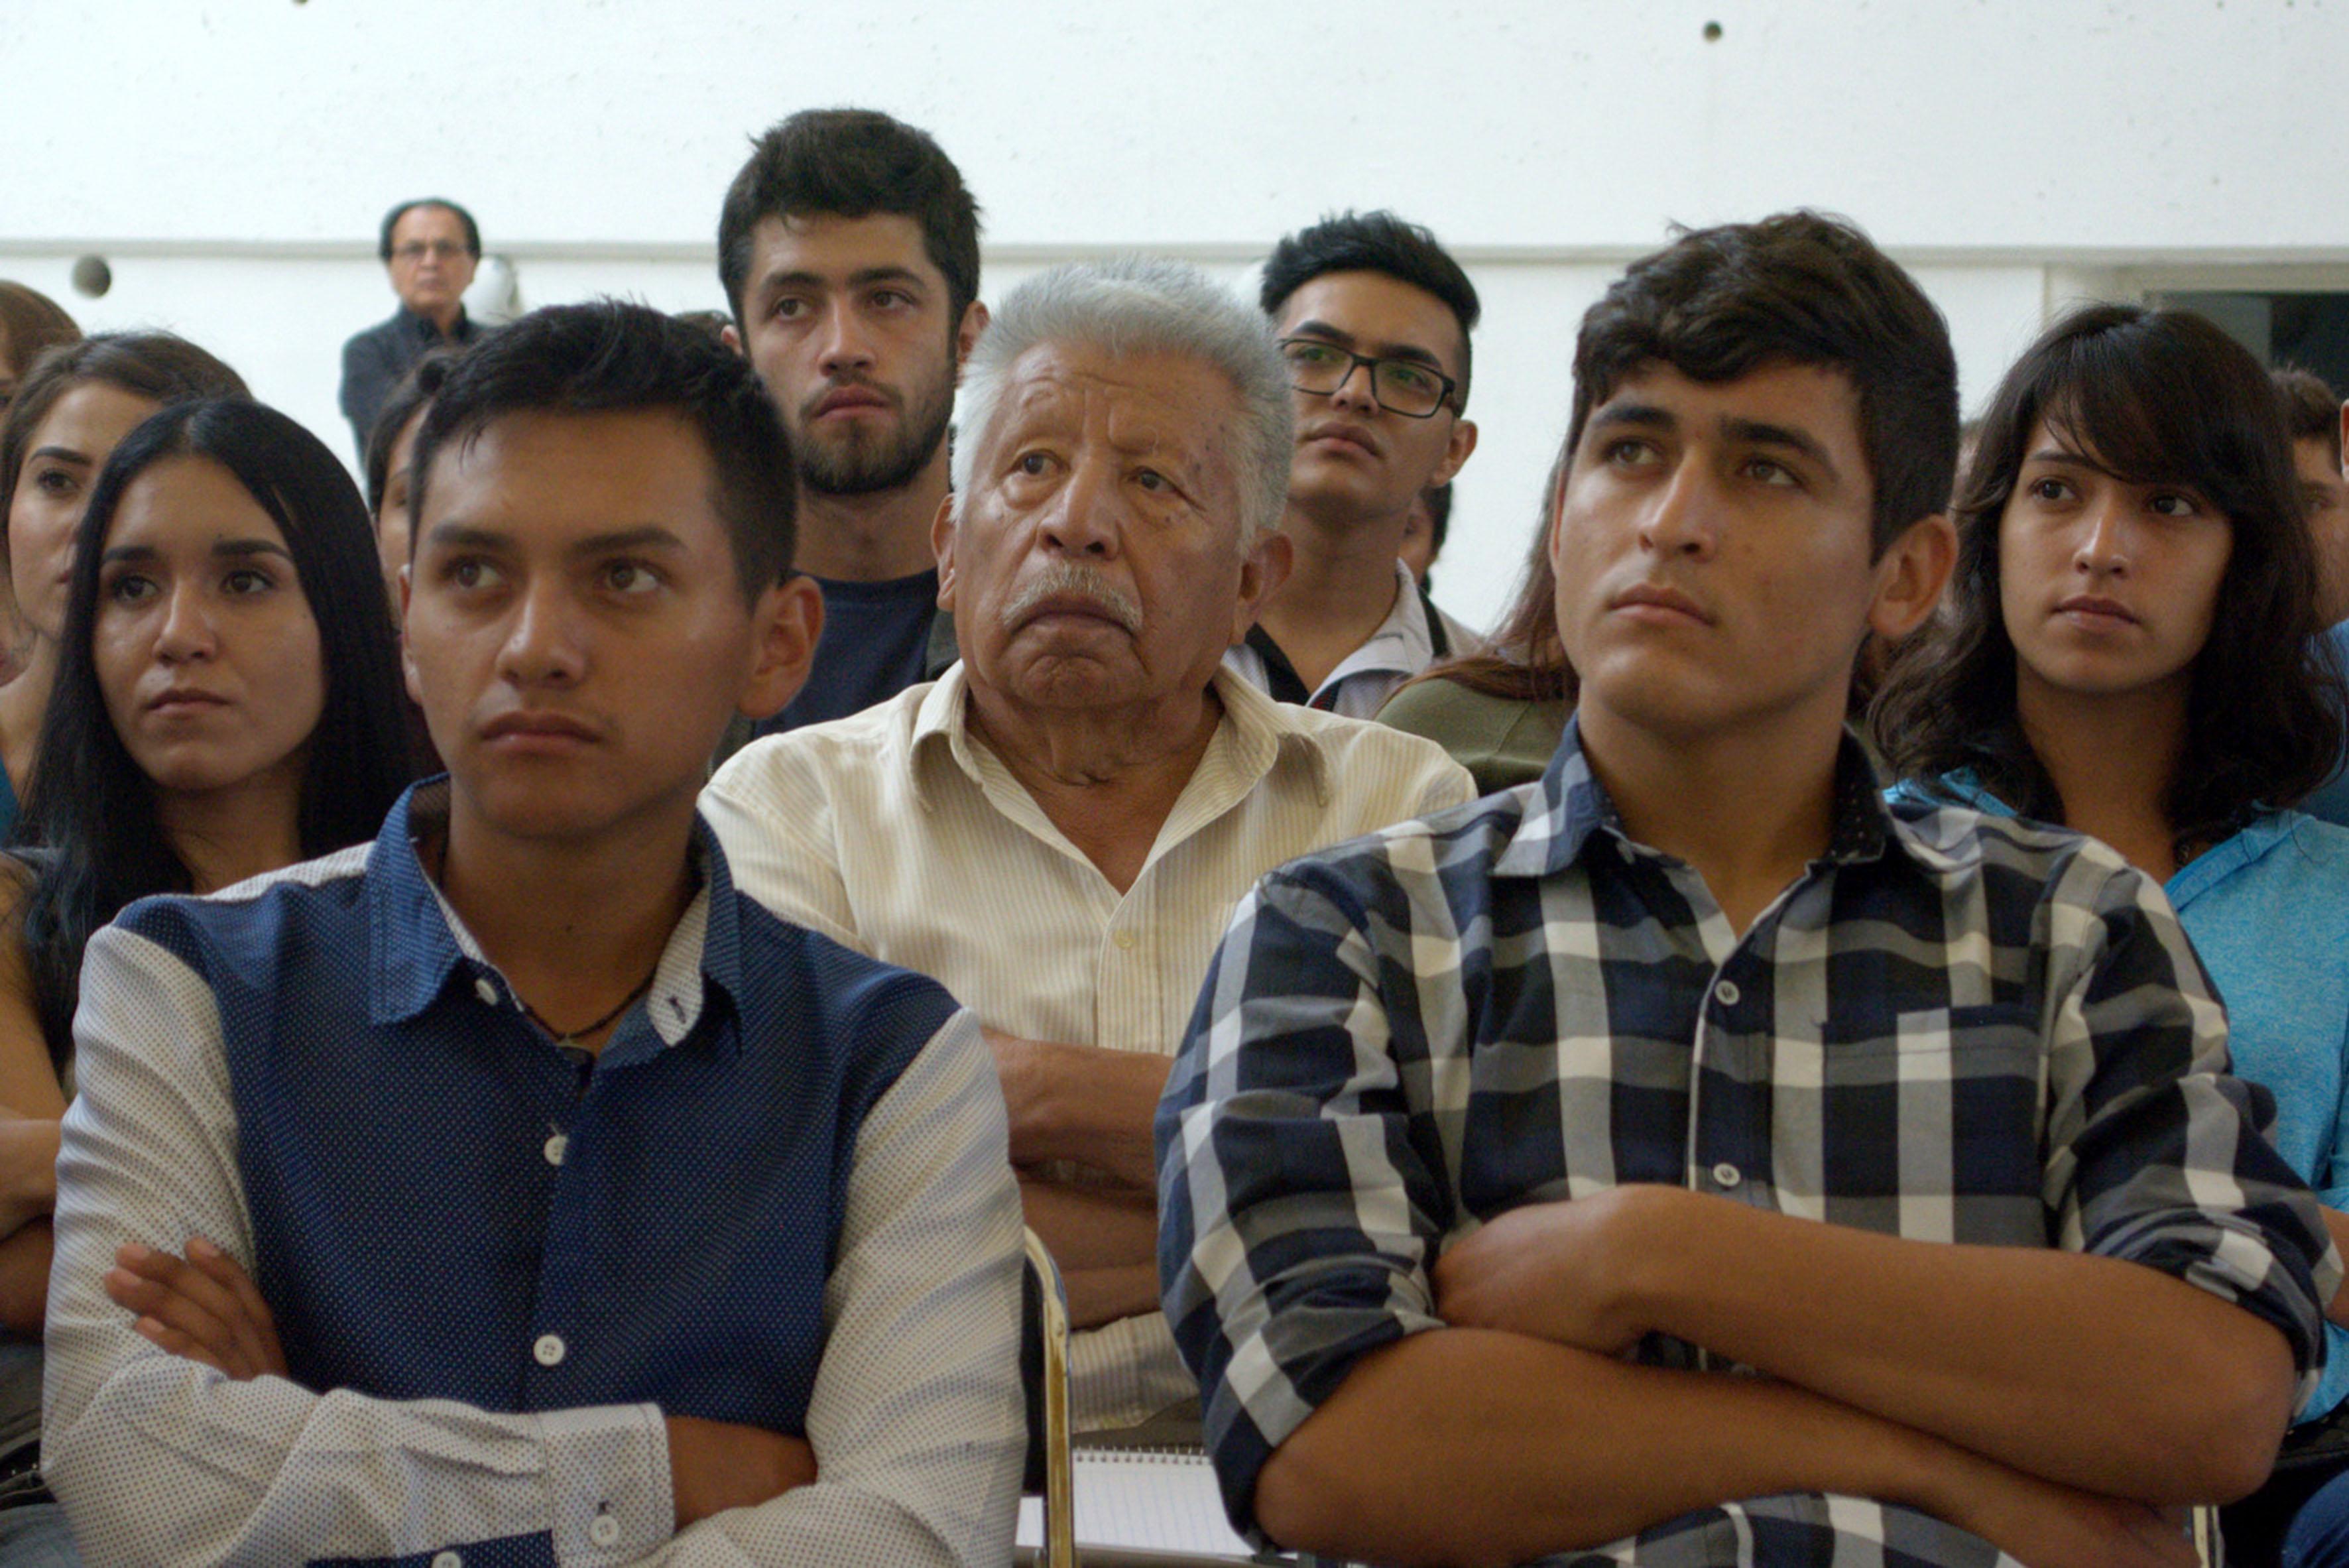 José Mejía Peralta estudiante longevo de la carrera de abogado, escuchando las ponencias de sus maestros durante clase.